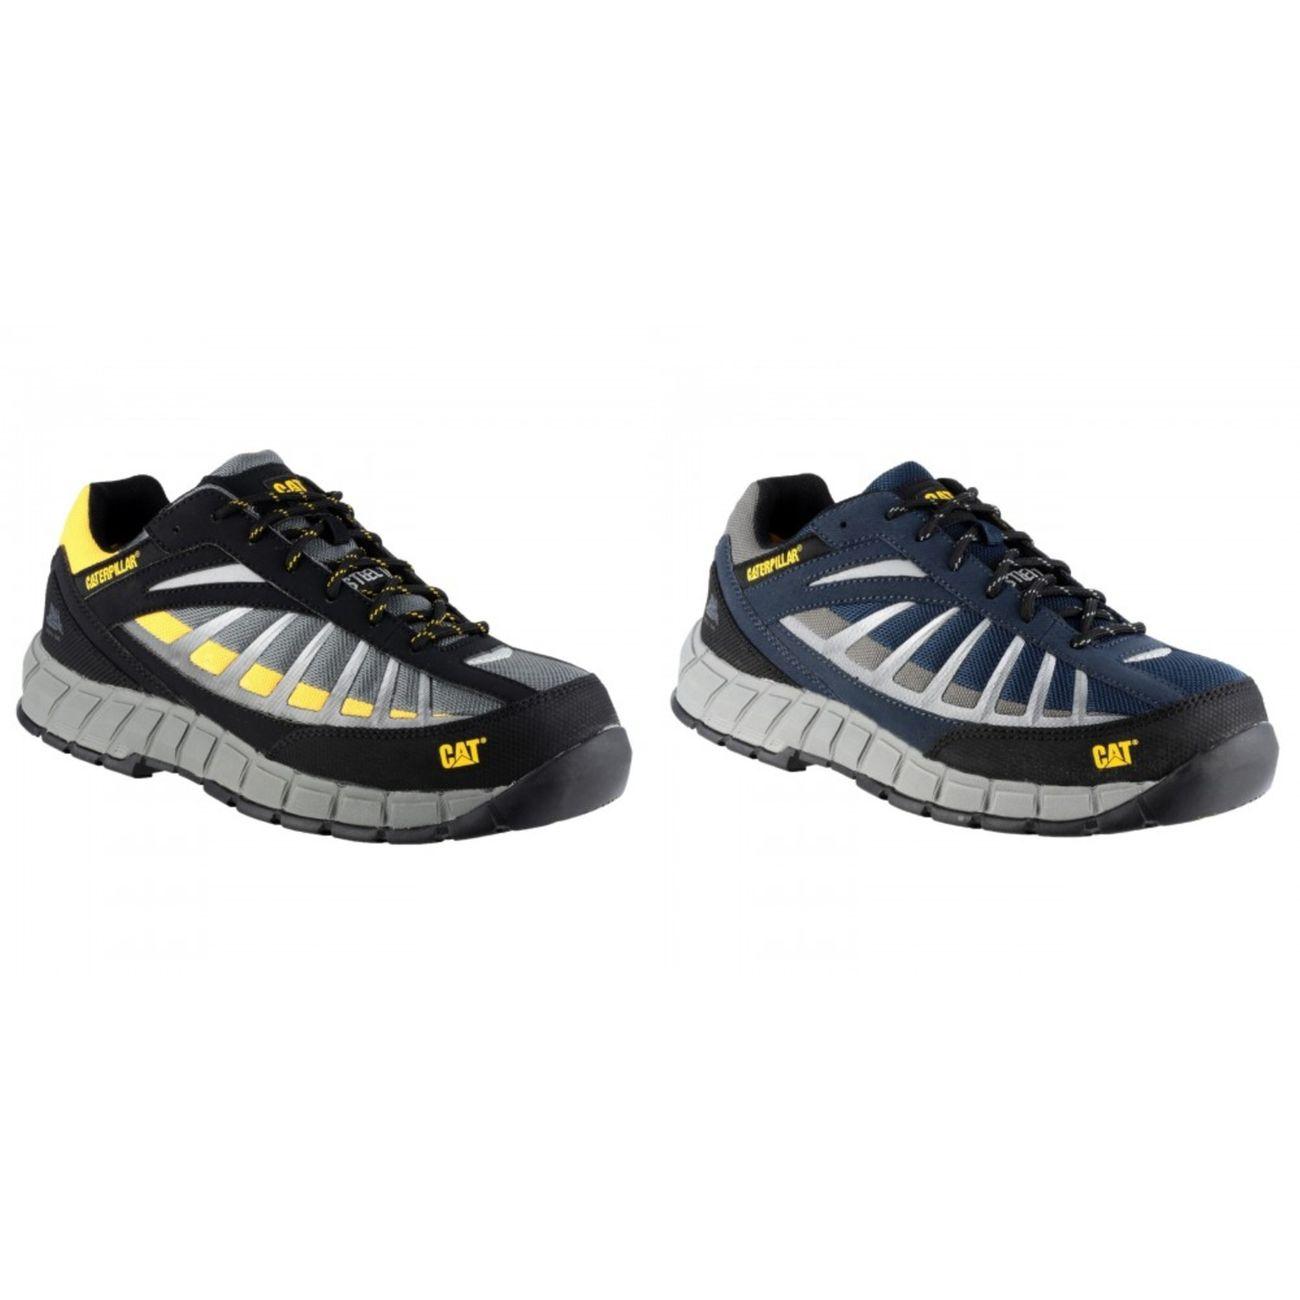 meilleur site web 326a1 fa7fe Caterpillar Infrastructure - Chaussures de sécurité - Homme ...